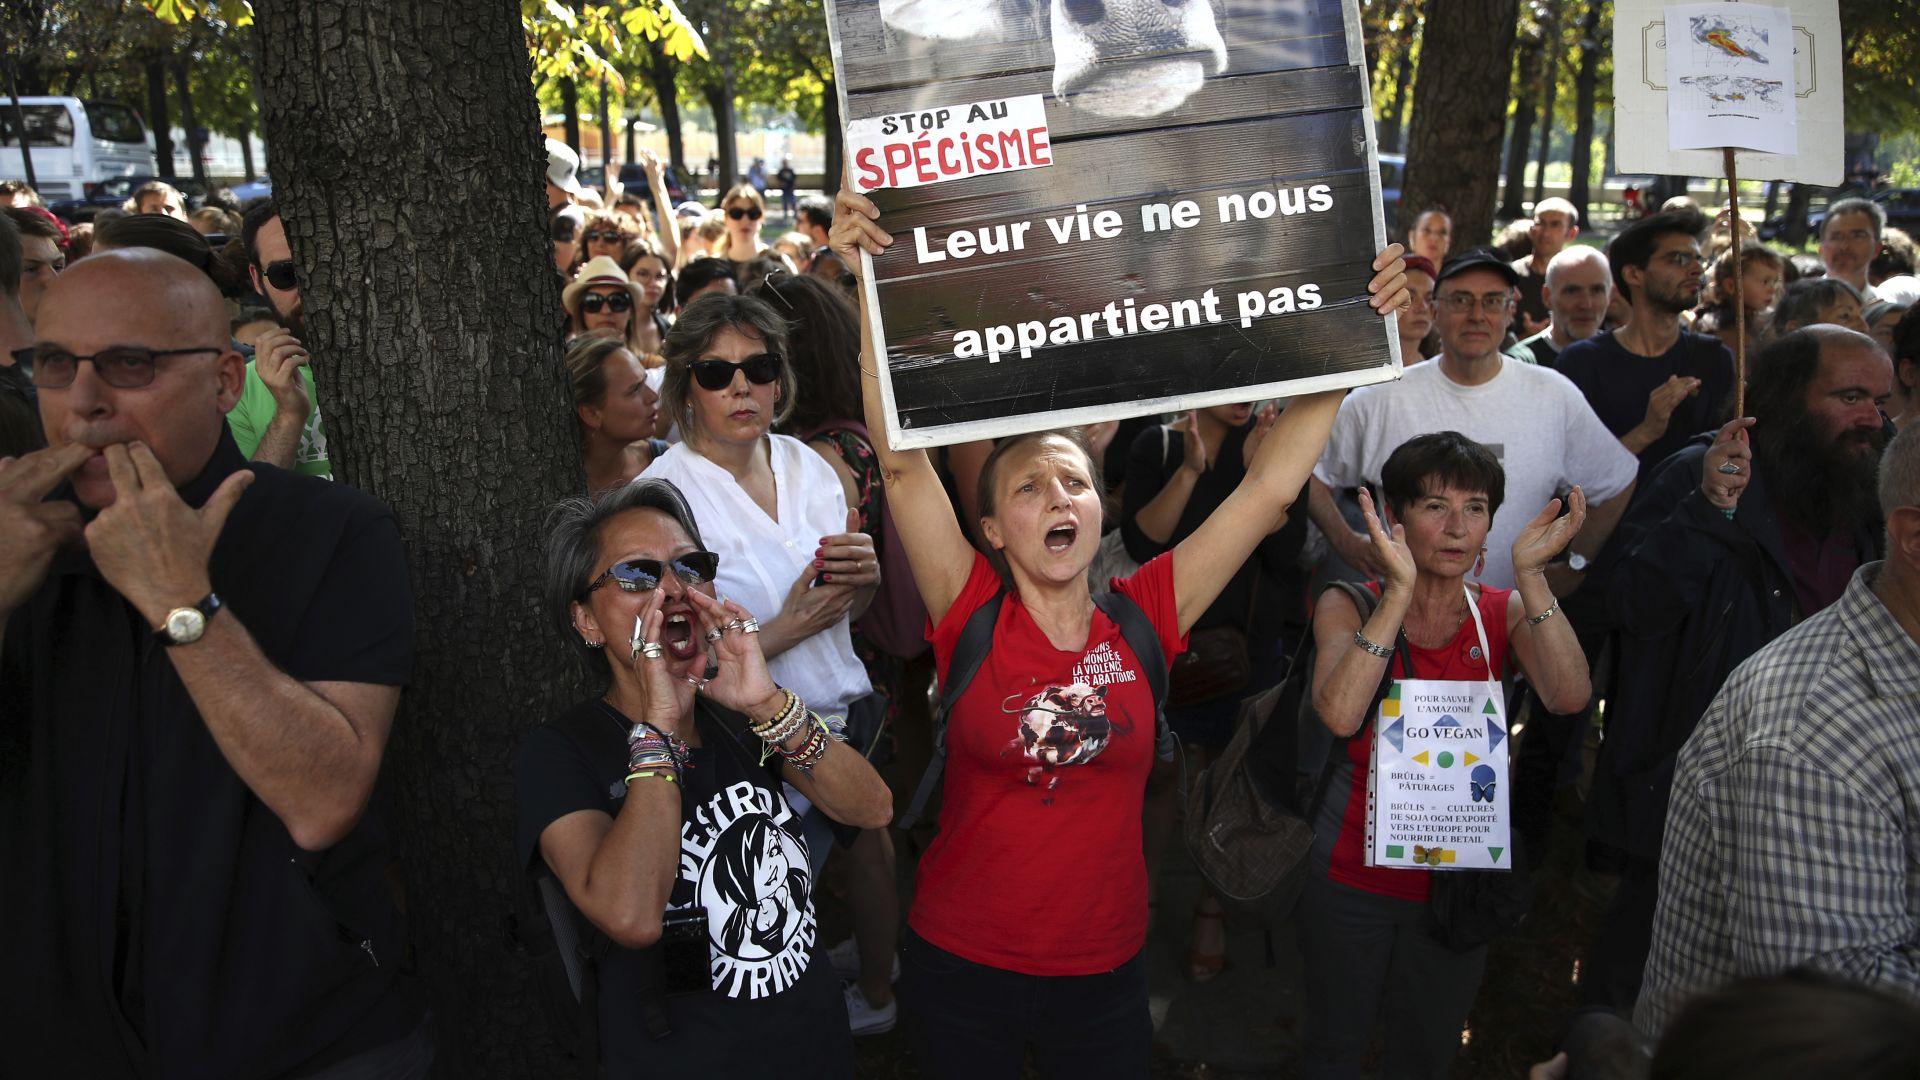 Двама български демонстрантибяха поканени на среща с бразилския посланик, след